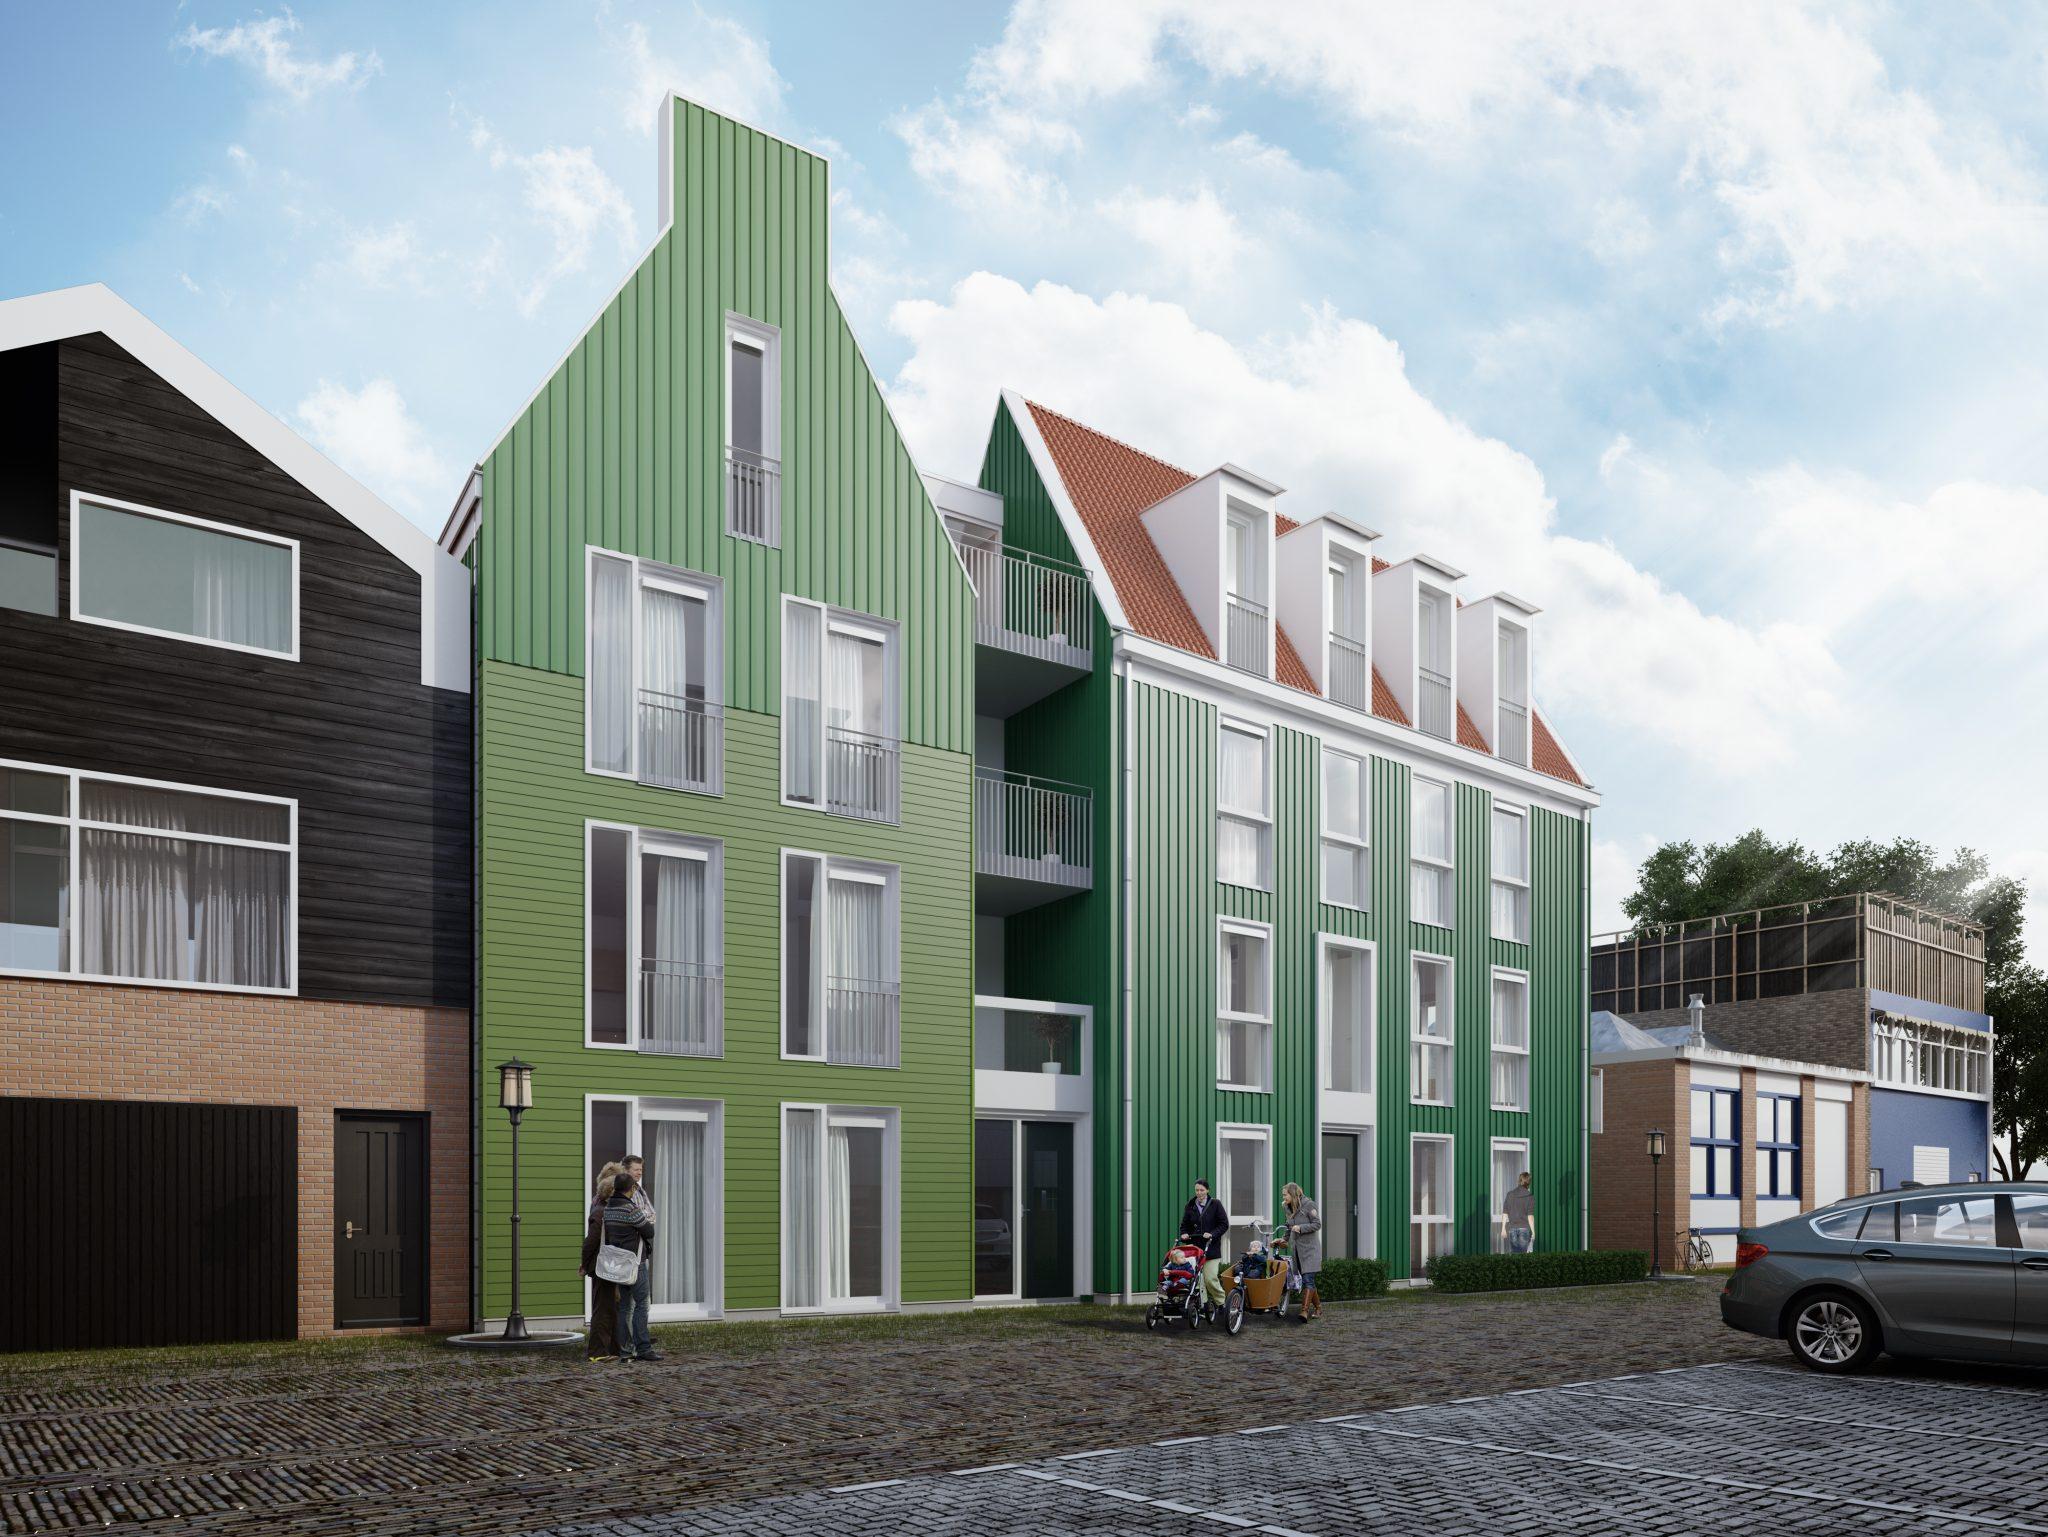 Krimpenburg